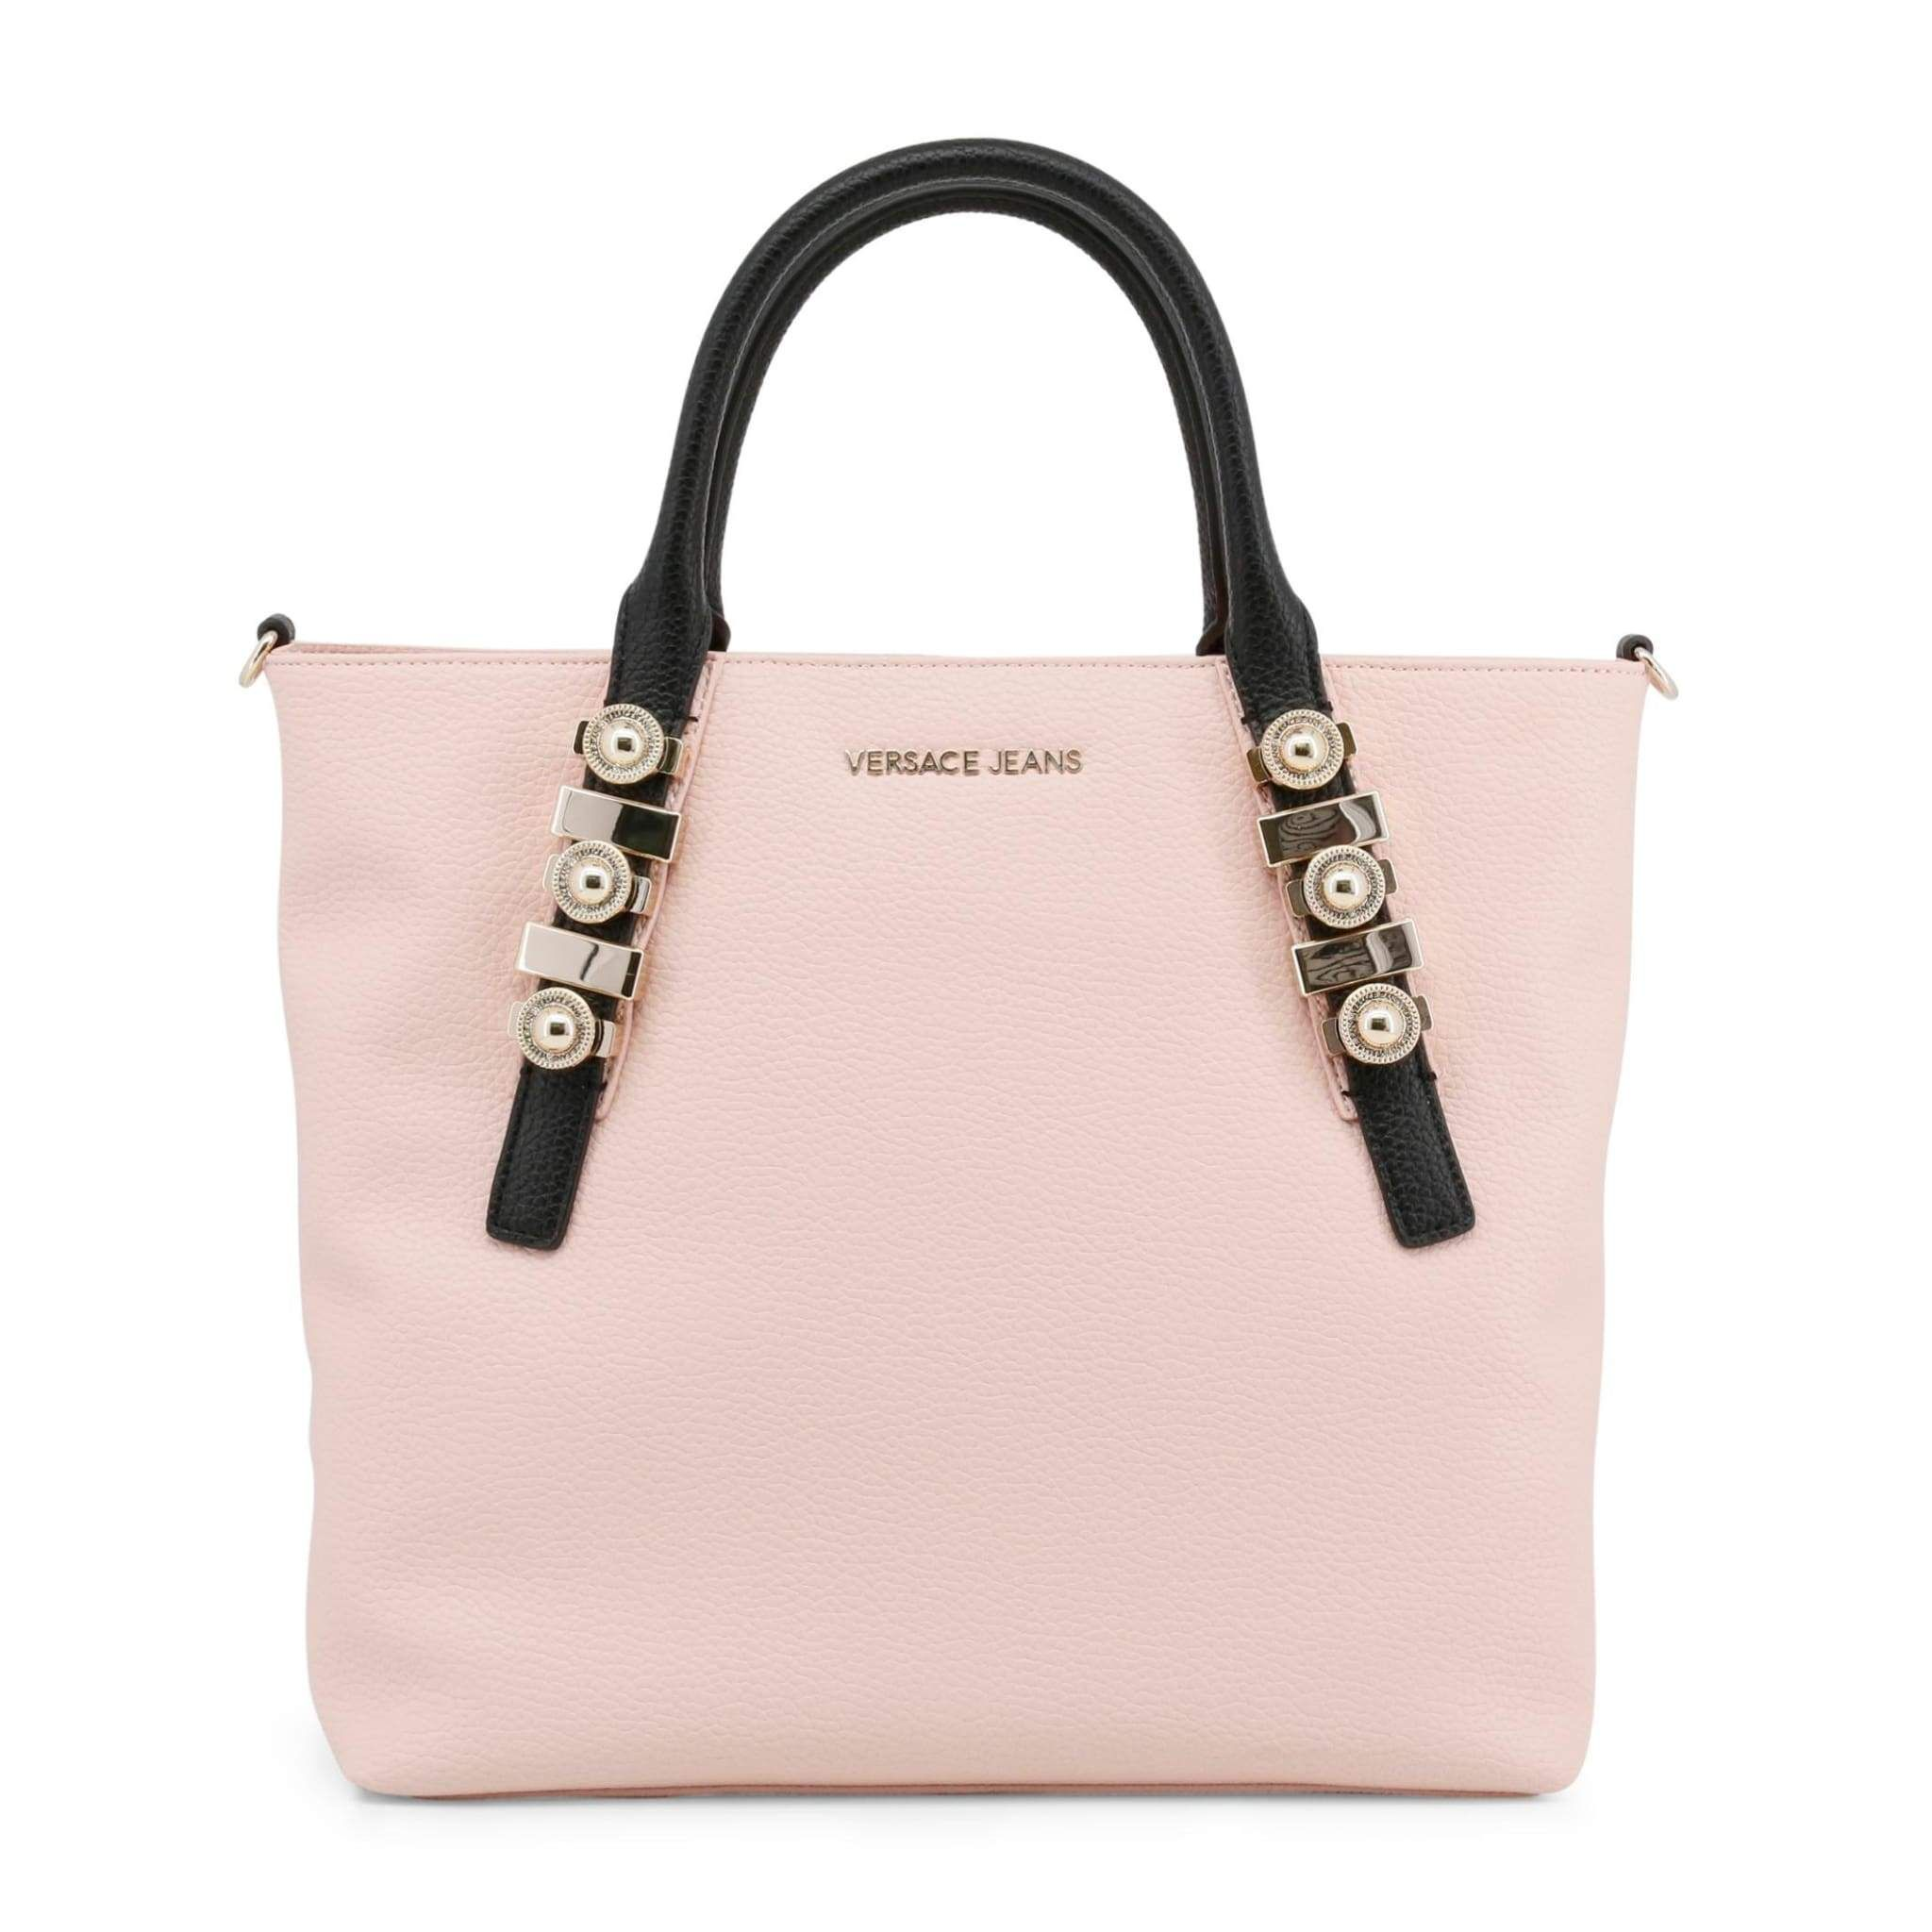 Versace Jeans E1Vrbbh2 Women Pink Handbags  4b0de9db2d633